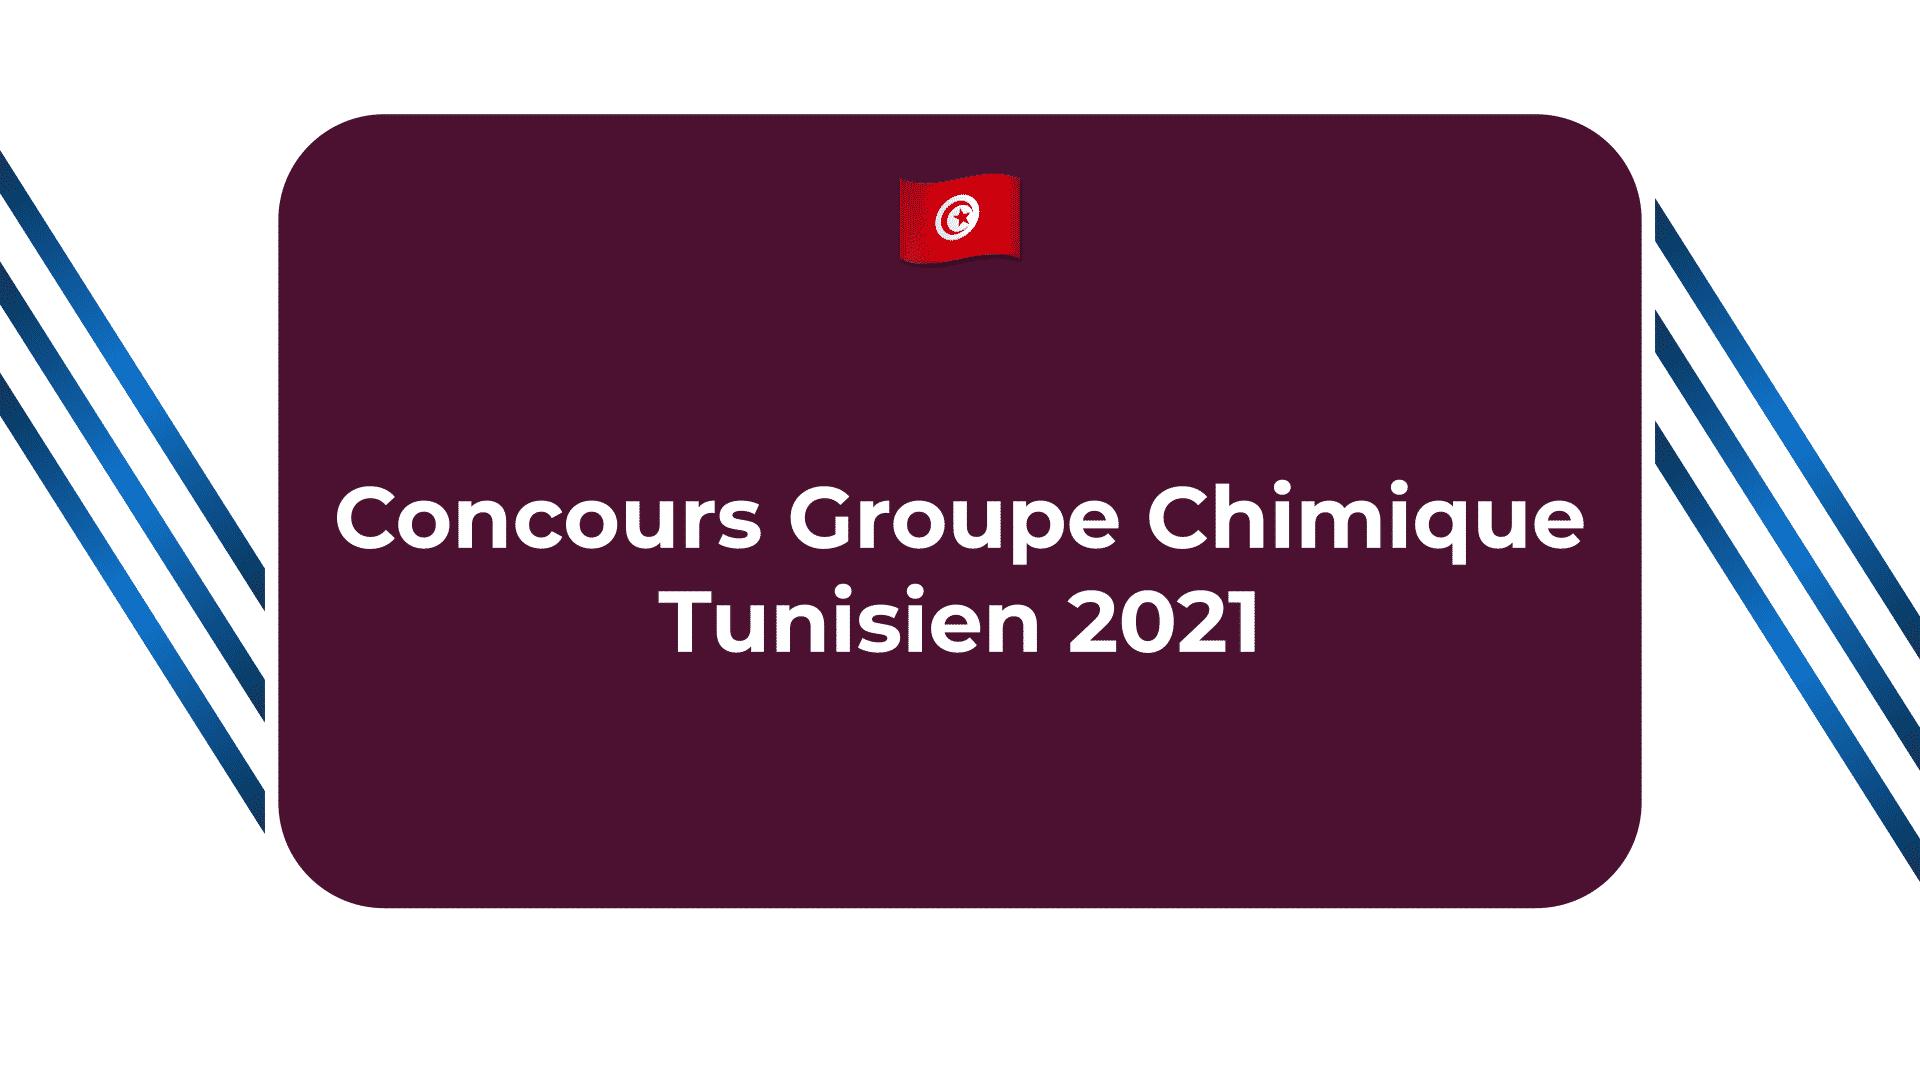 Concours Groupe Chimique Tunisien